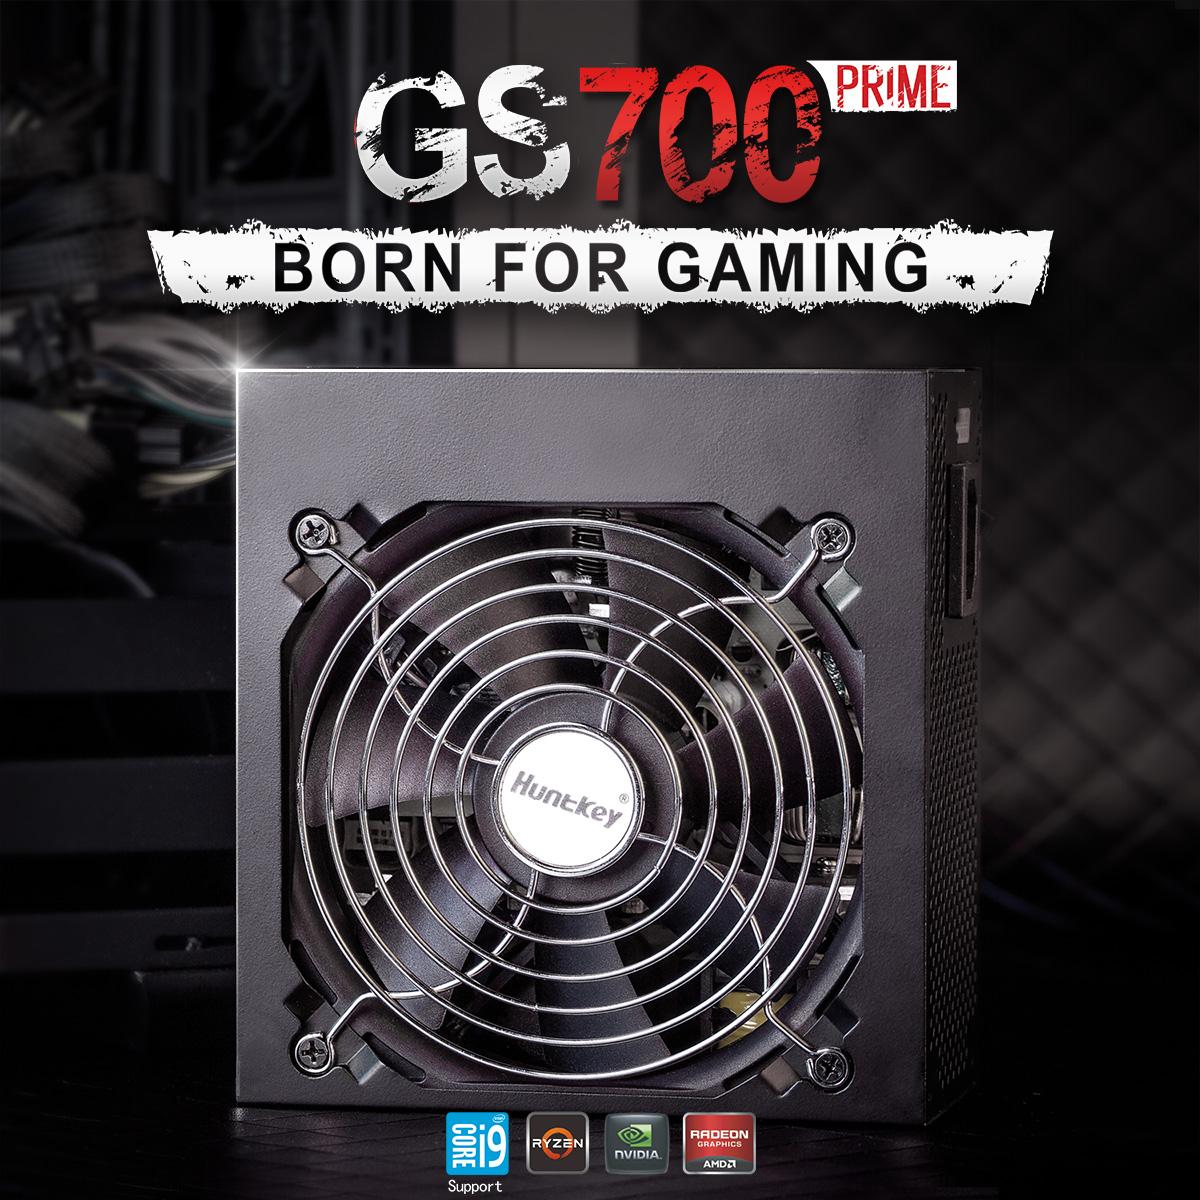 01-2 GS700 PRIME